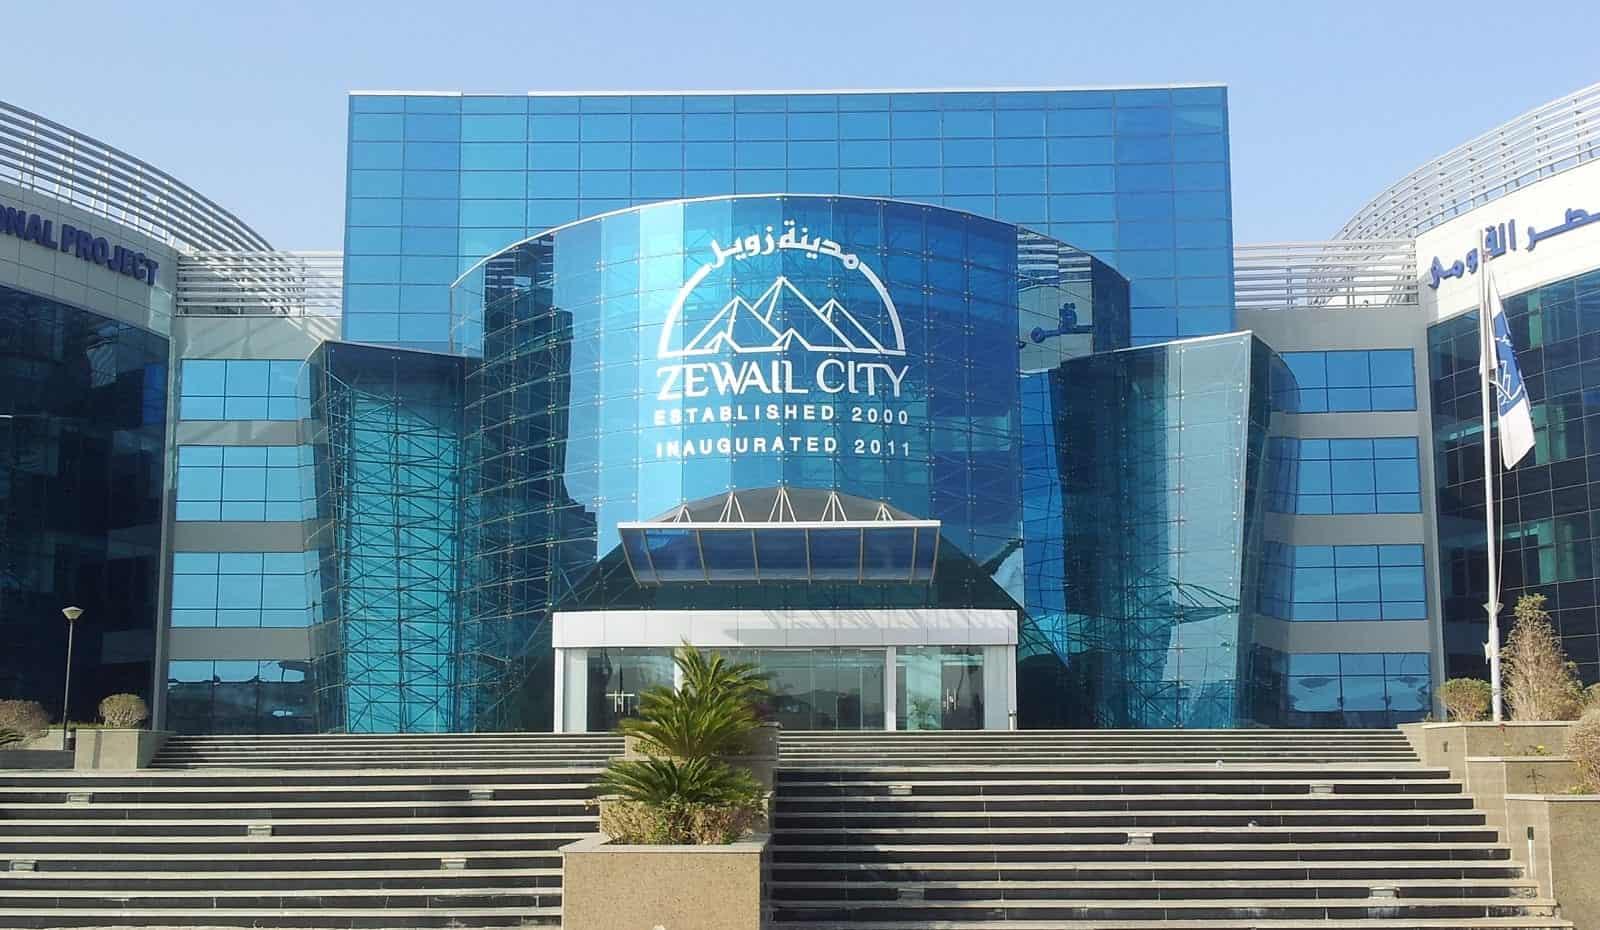 منحة مدينة زويل للعلوم والتكنولوجيا لدراسة البكالوريوس في مصر 2021